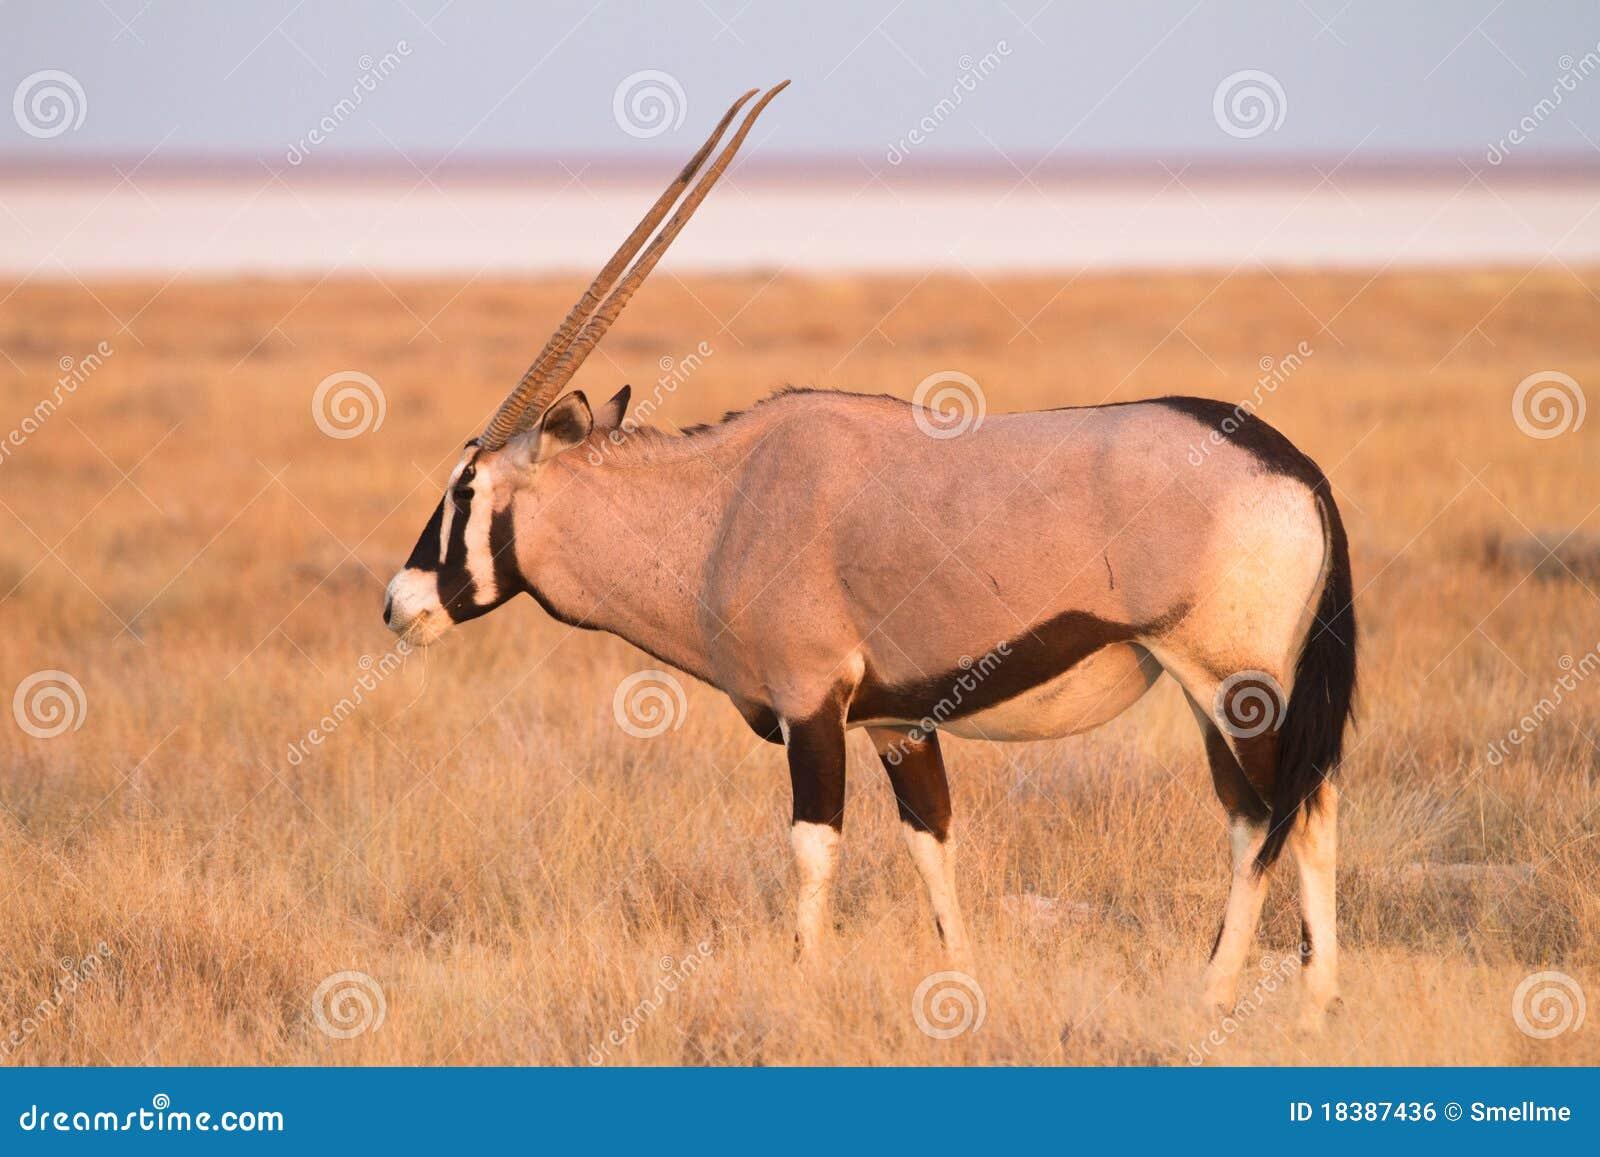 Antilopgemsbok